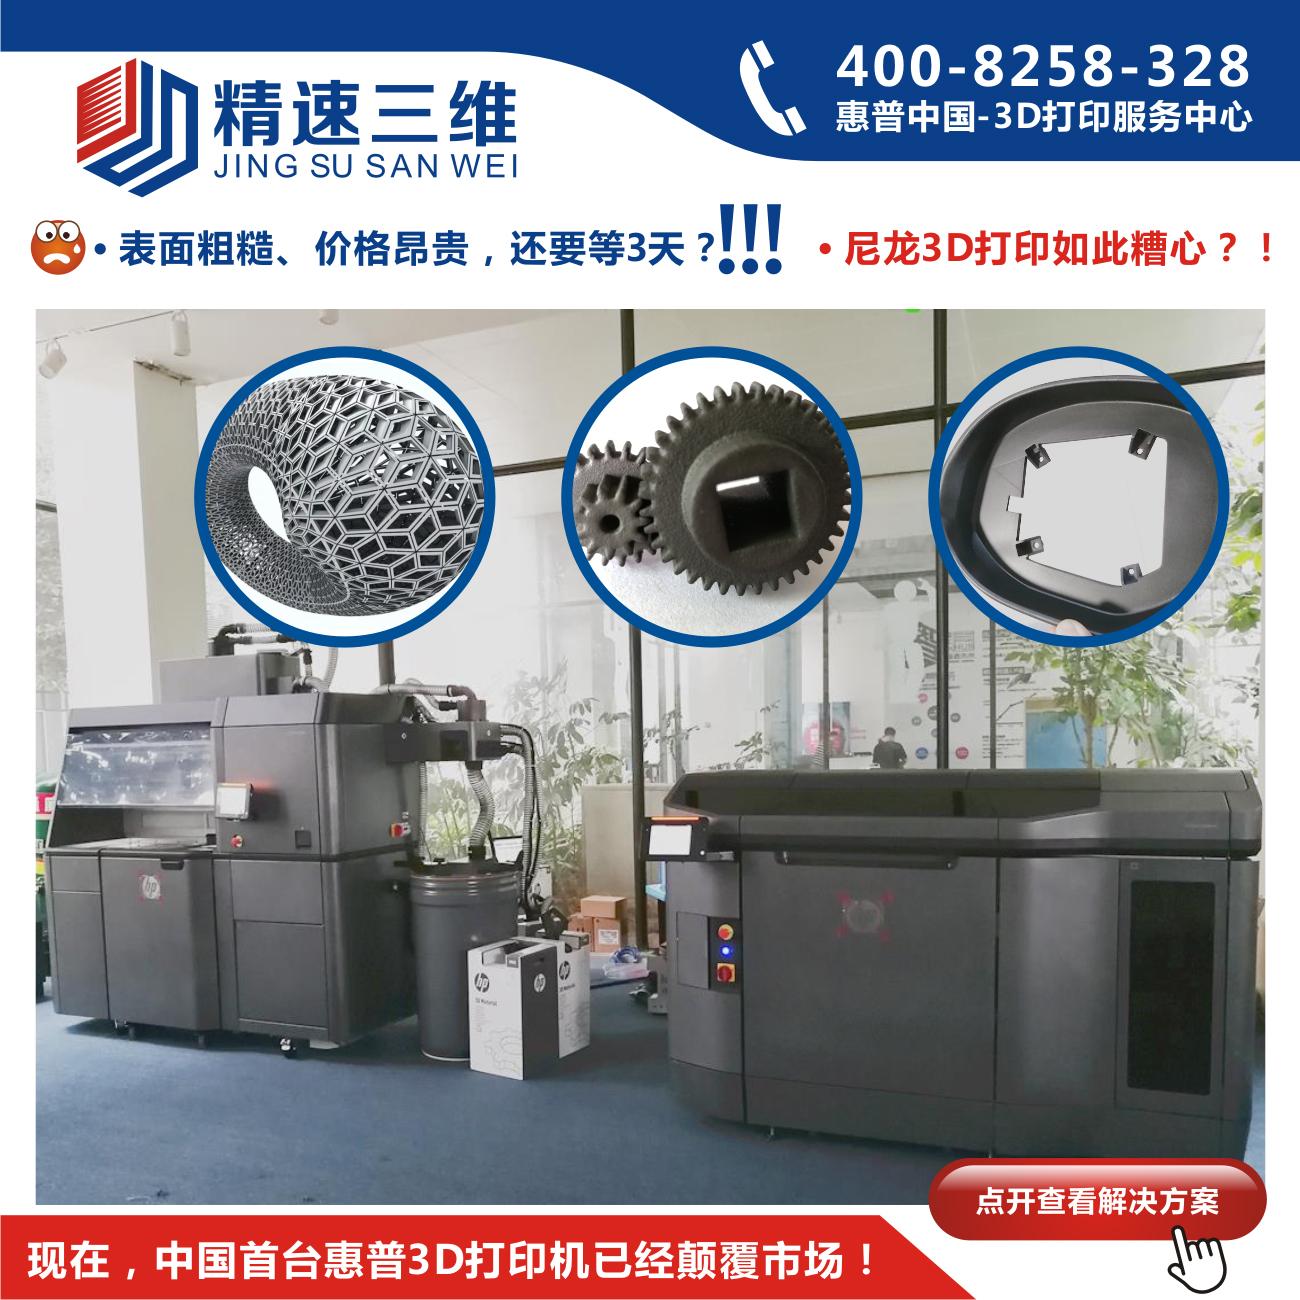 惠普3d打印机 加工手板模型制作 3d打印模具 硅胶模具 手板模具 复模 小批量生产 3d打印手板模型 3d打印加工服务